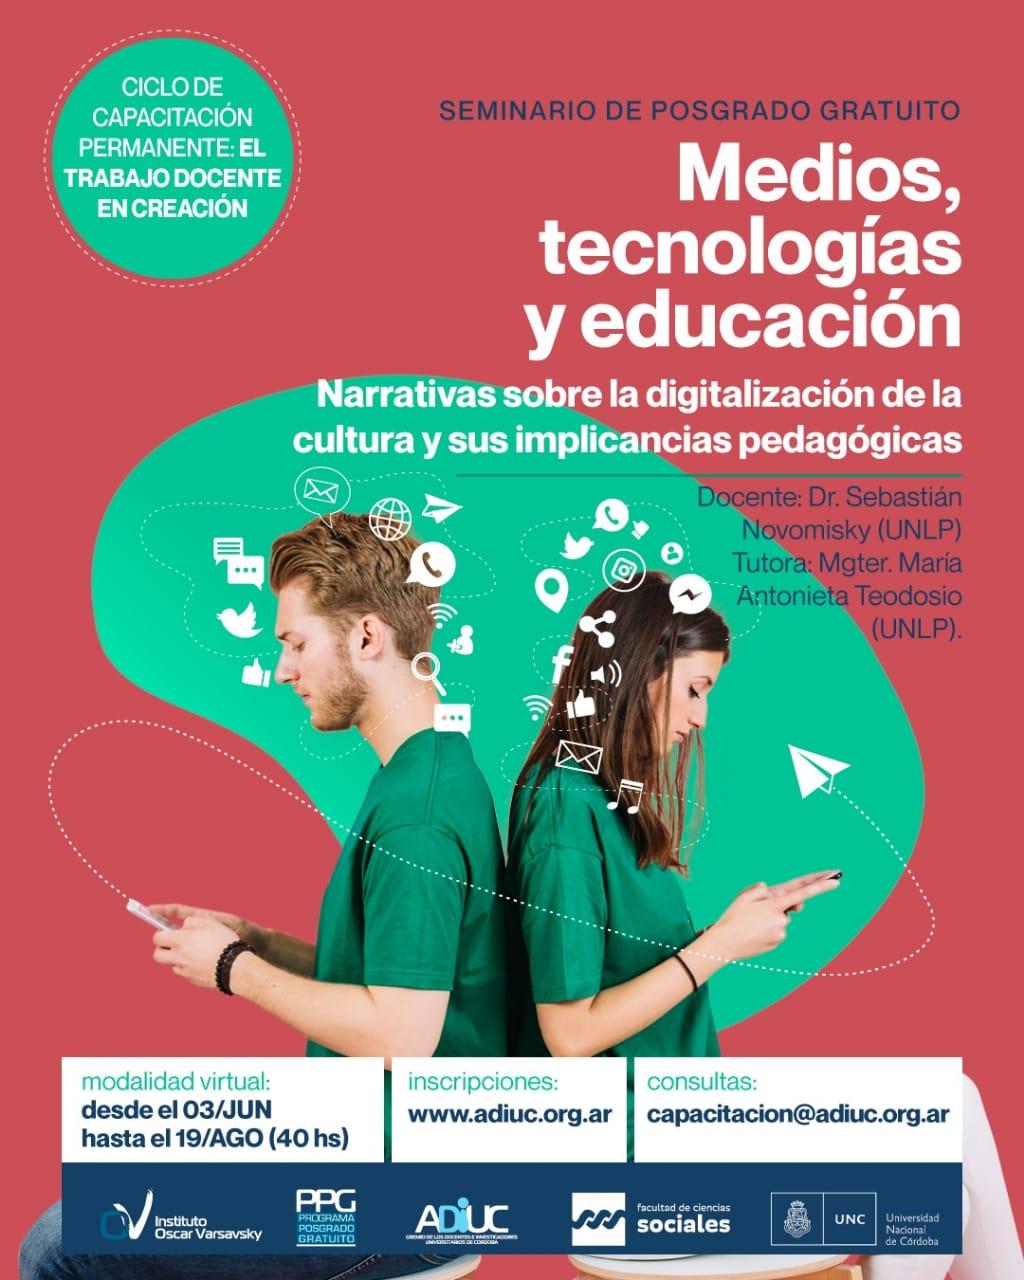 MEDIOS, TECNOLOGÍAS Y EDUCACIÓN   Seminario De Posgrado Gratuito